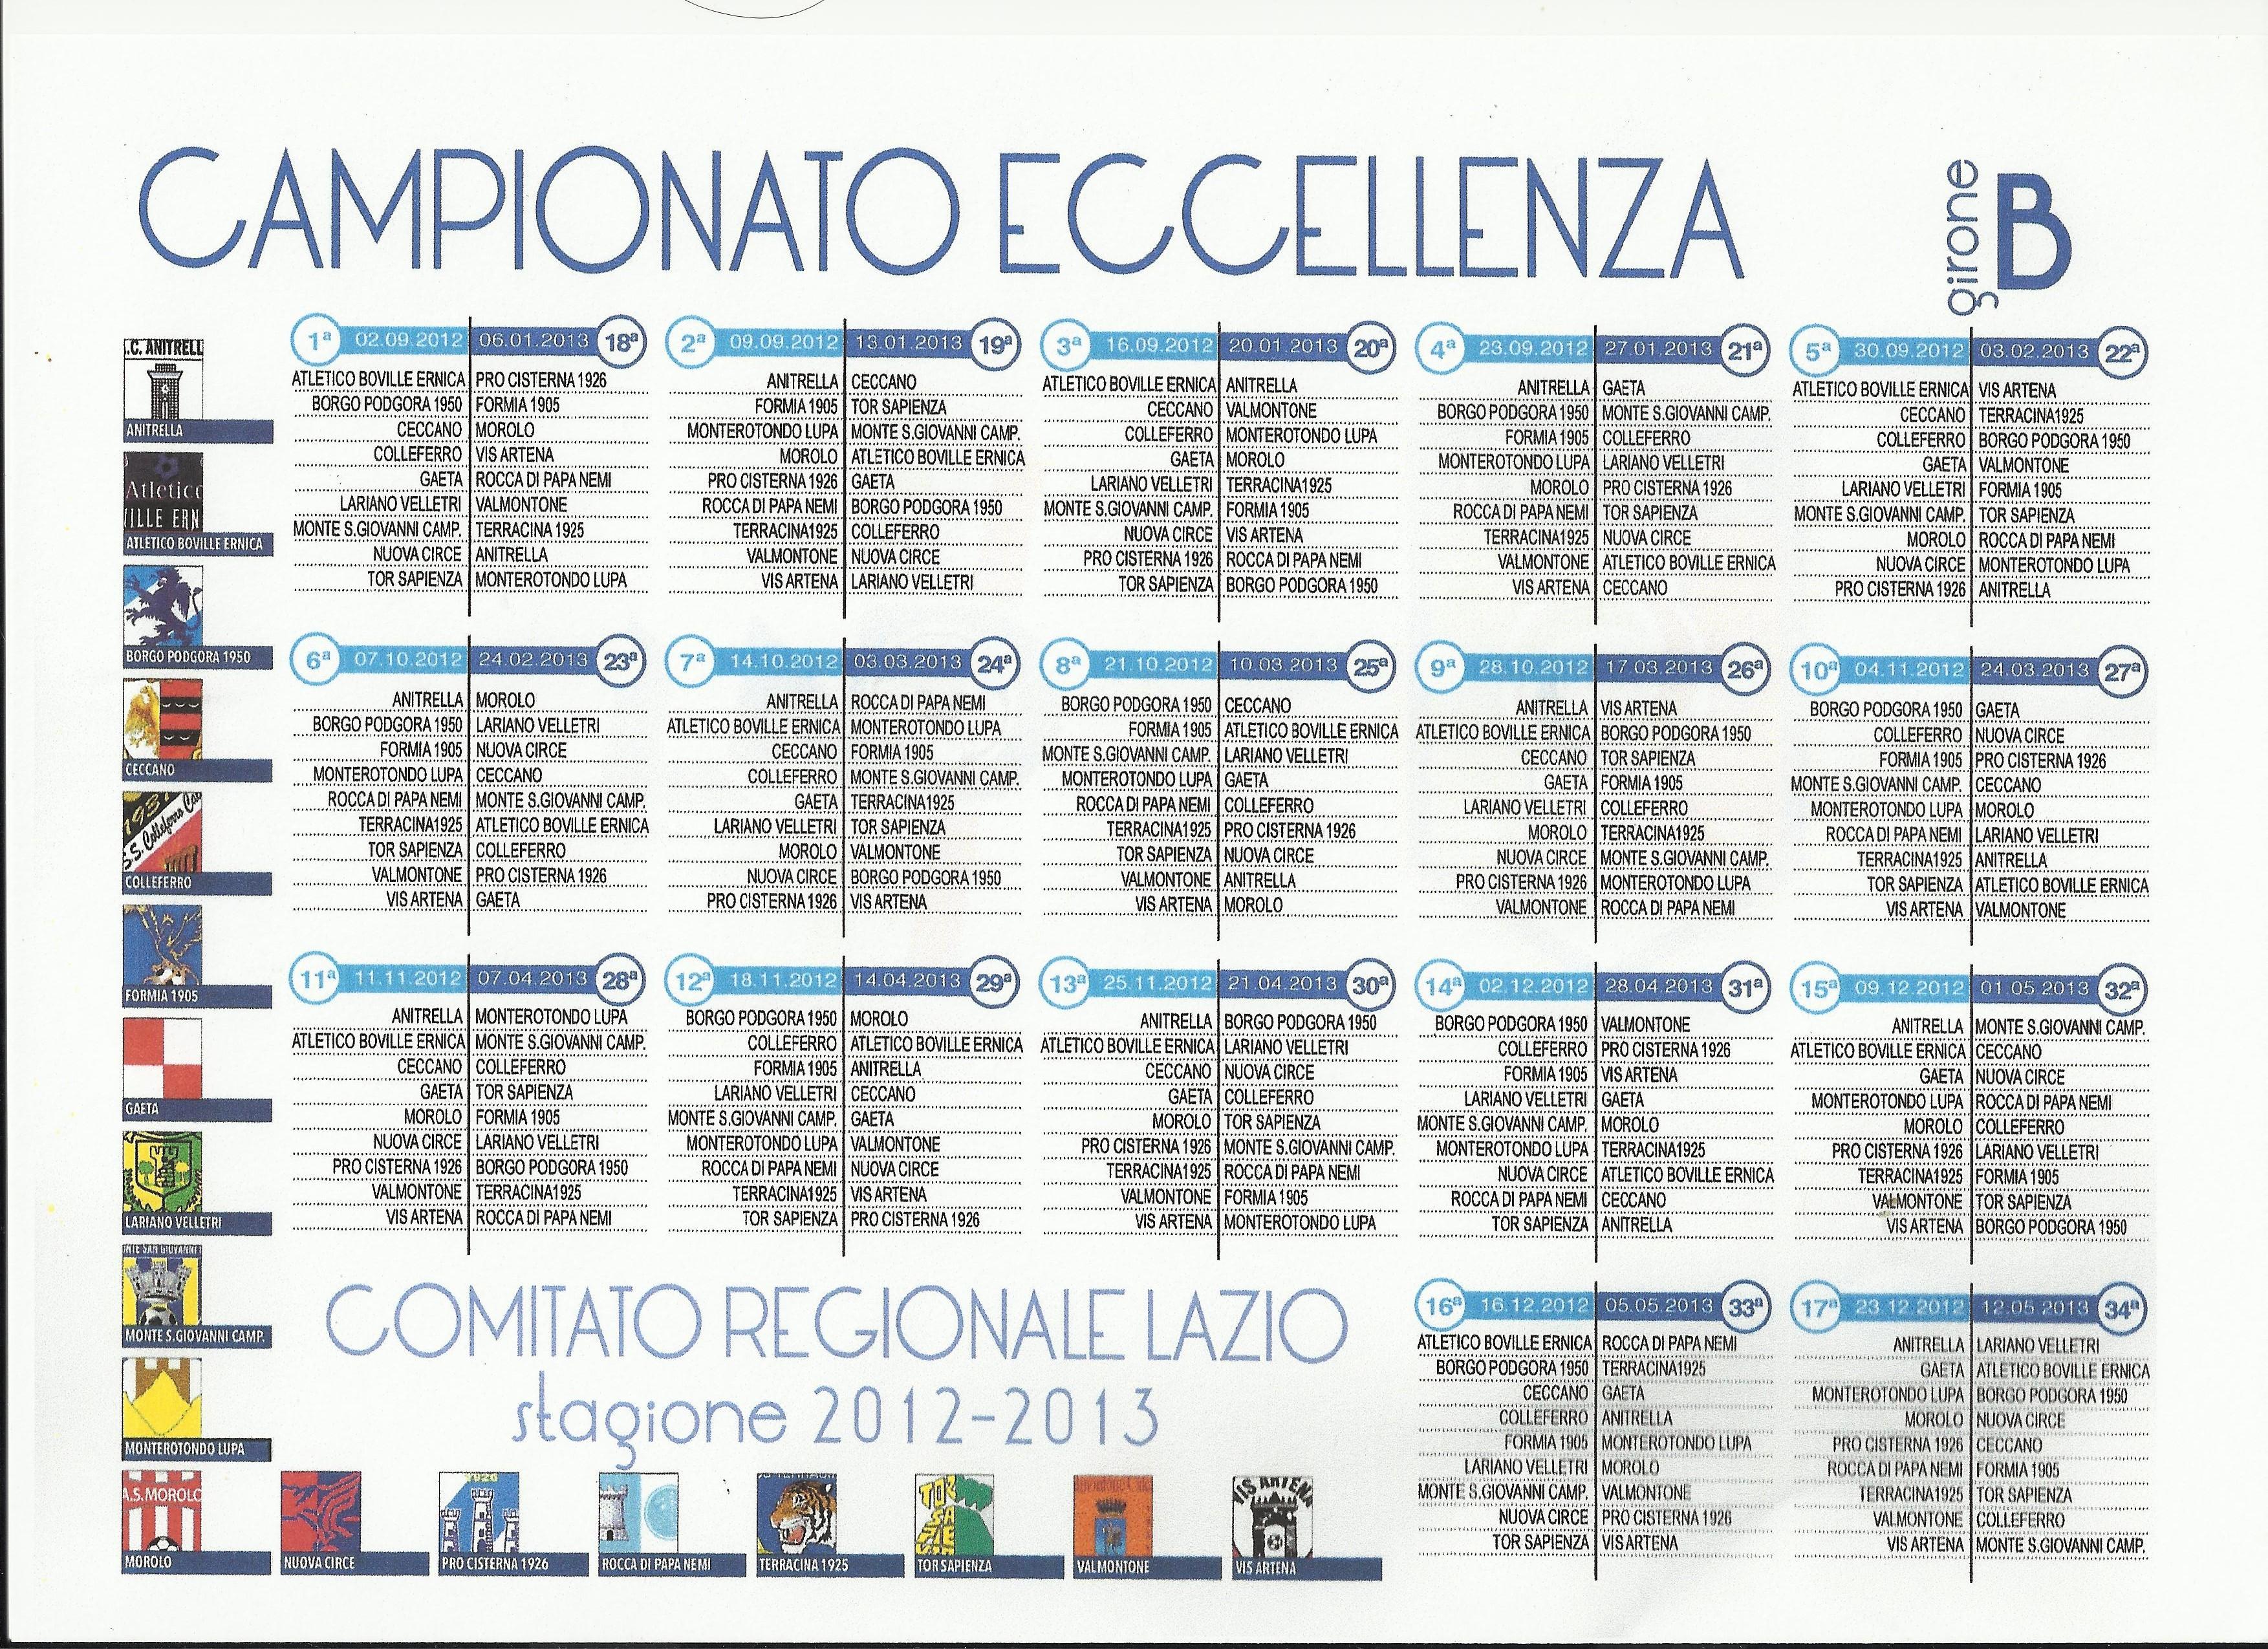 Calendario Eccellenza Girone B.Calendari Eccellenza Girone B Su Gaetani